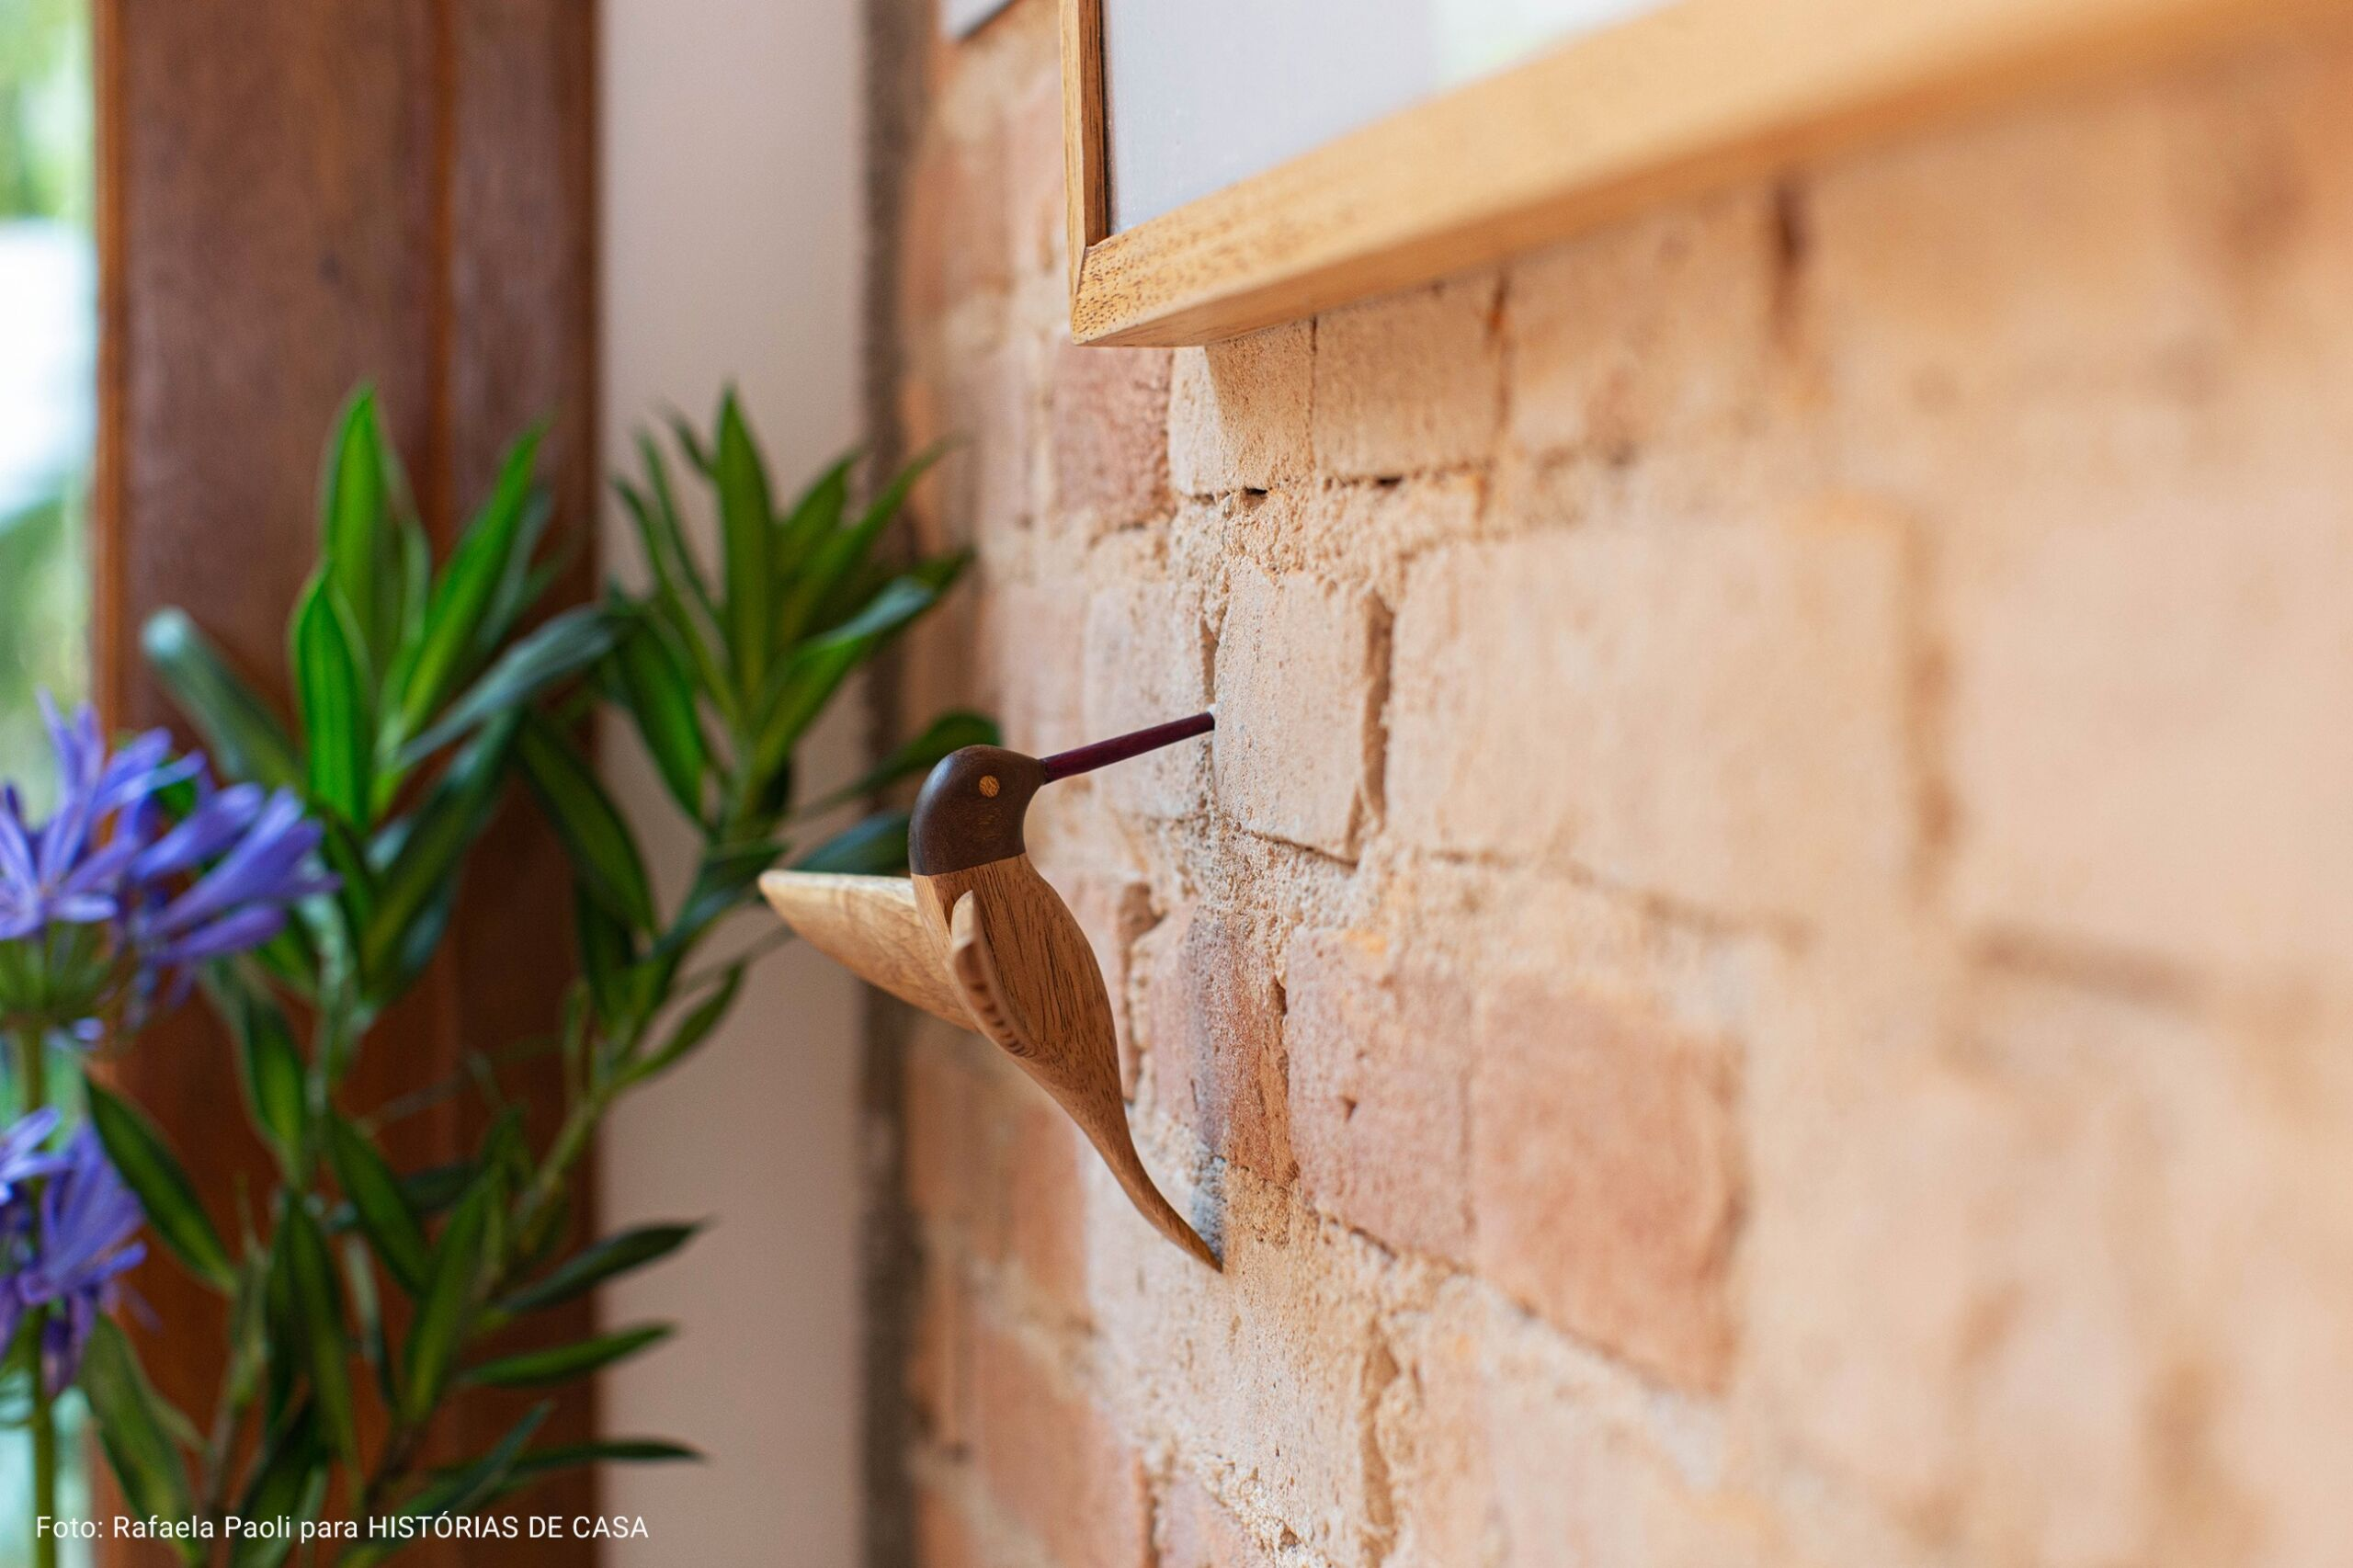 gancho de passarinho colado na parede